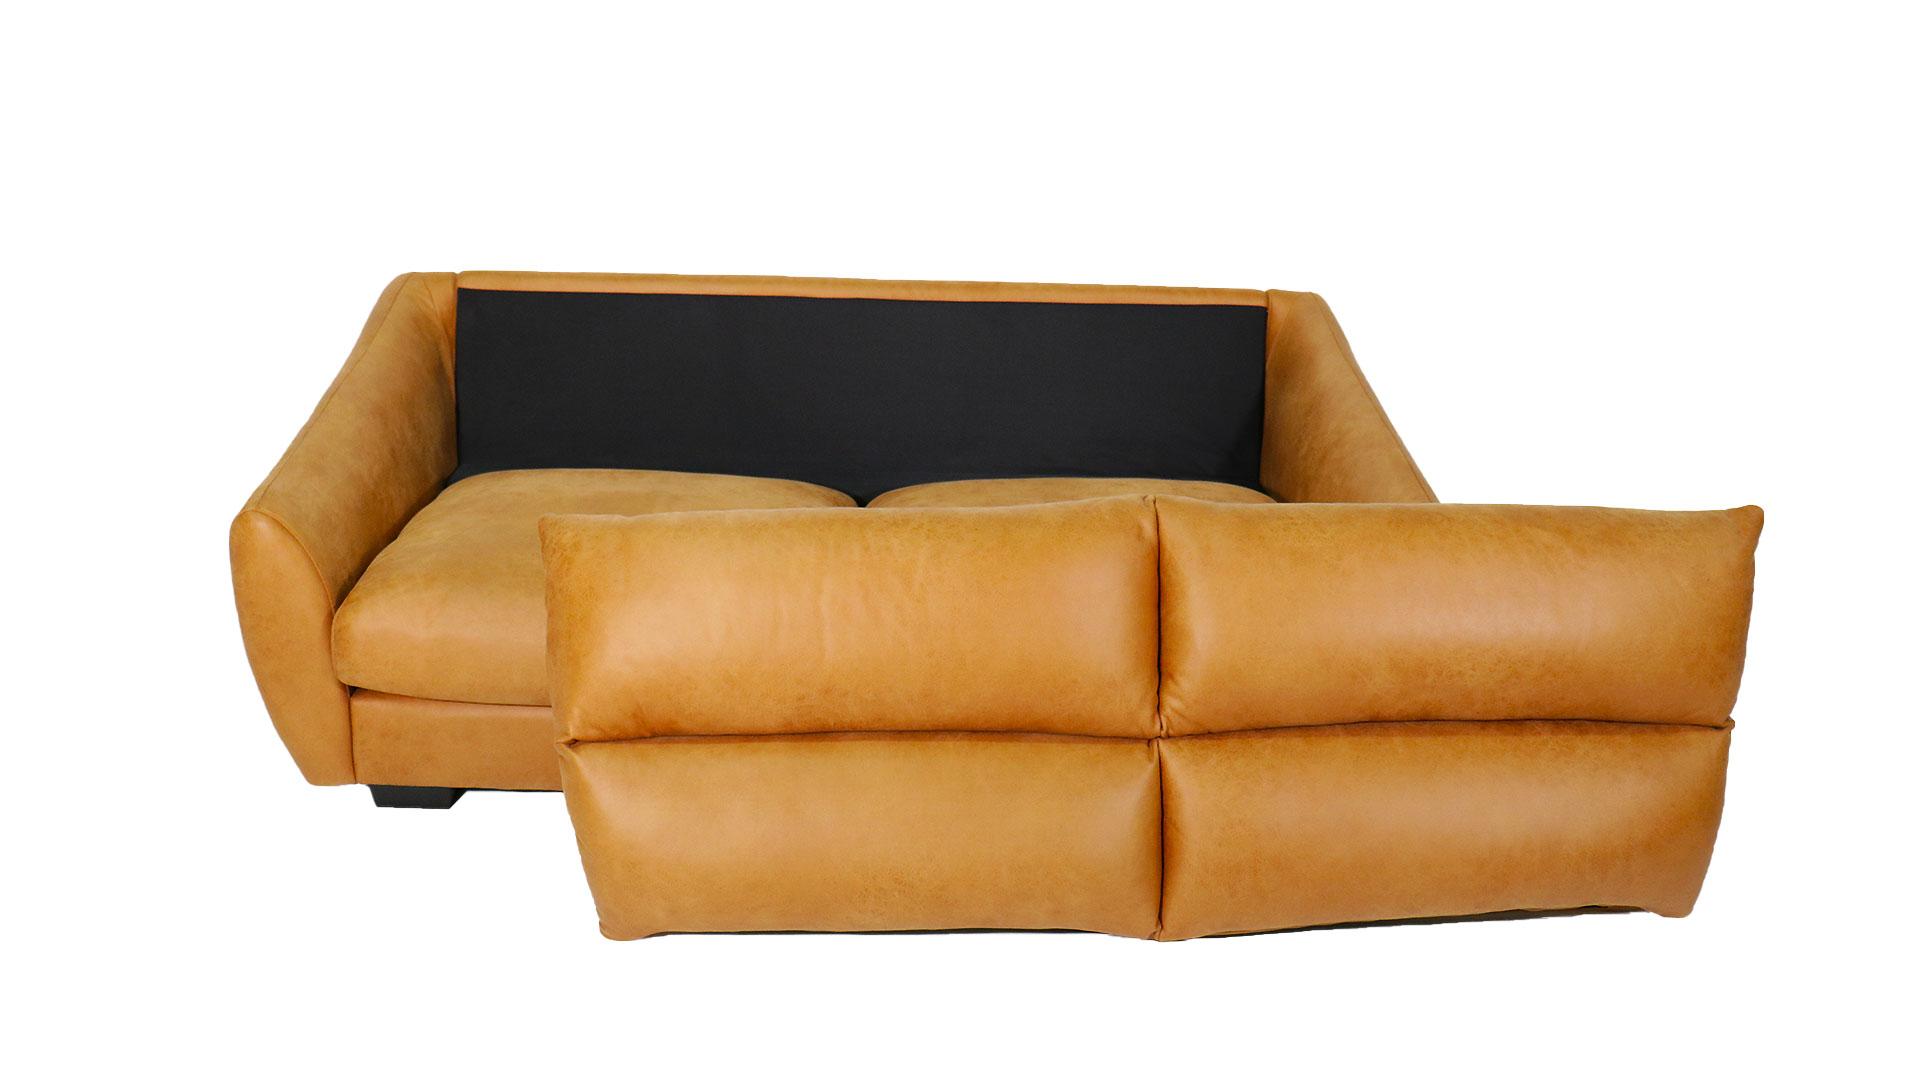 ふんわりハイバックのask-inのソファ「ルーク」の背もたれを外して正面から撮影した画像